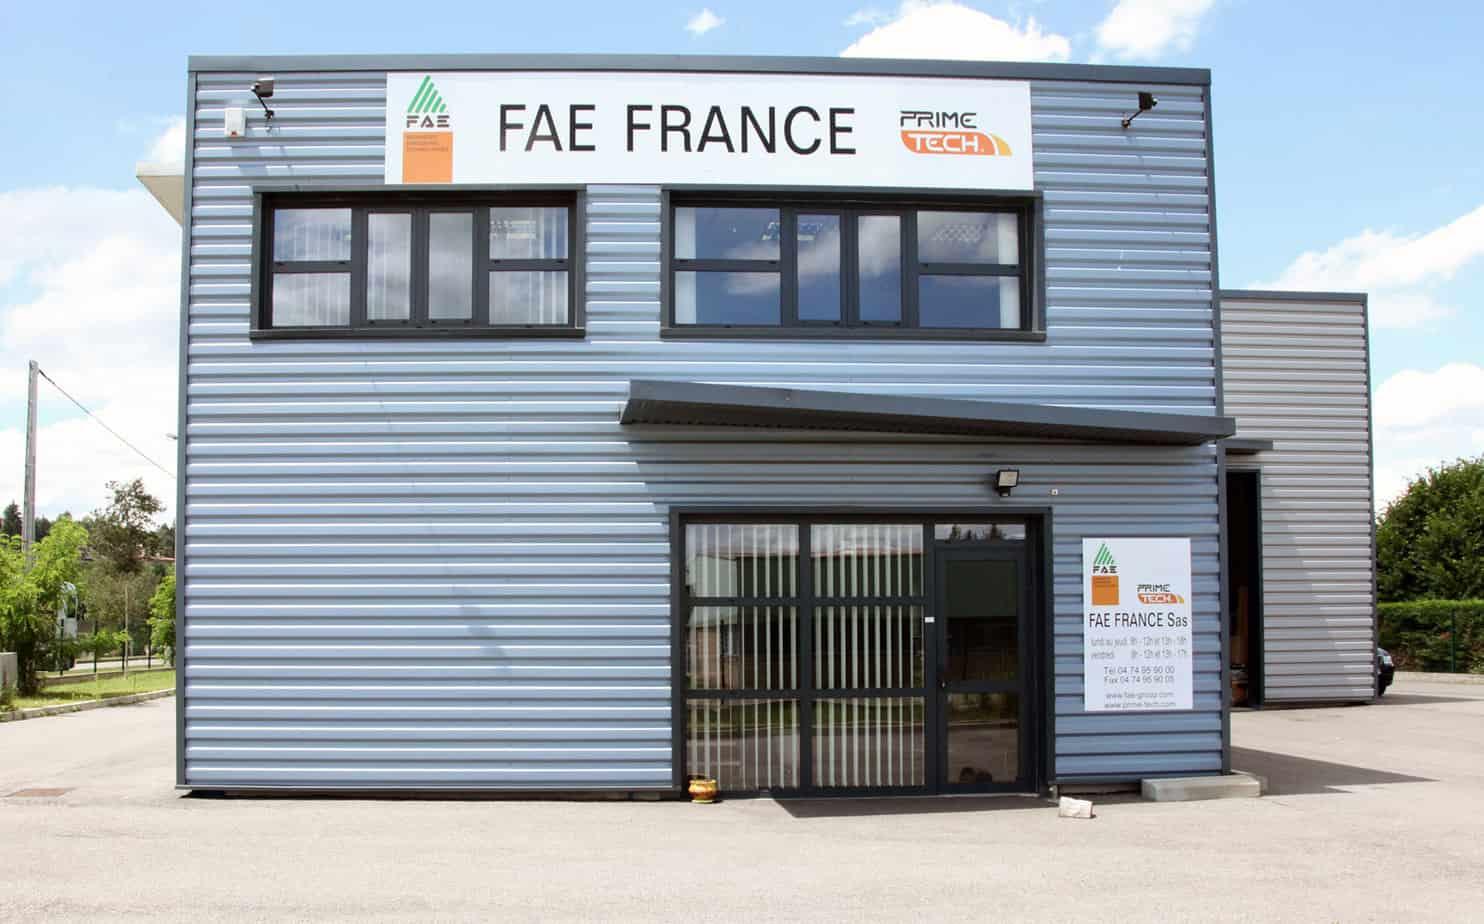 La filiale FAE France a Lione